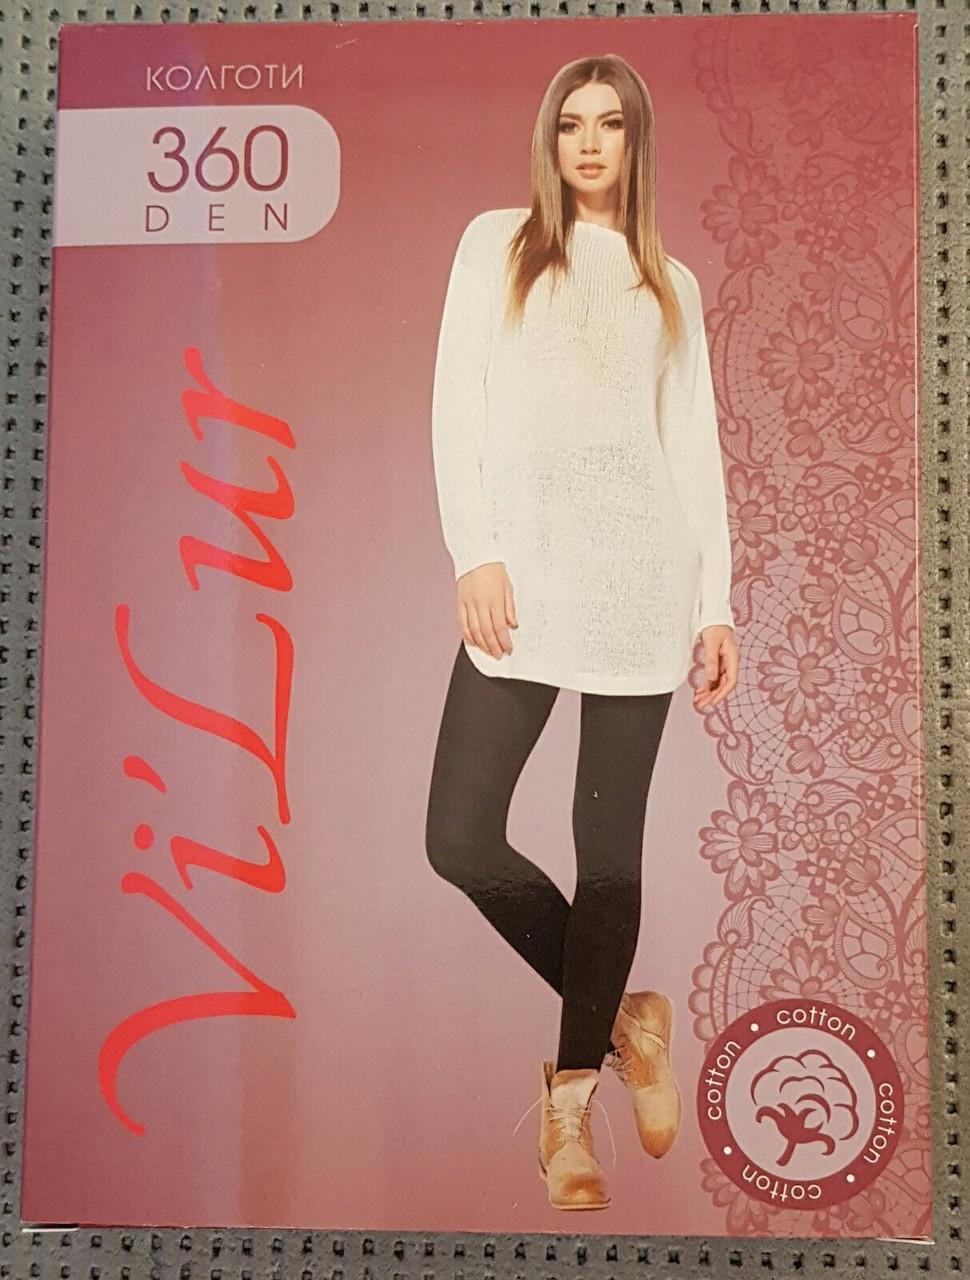 Колготки теплые женские Vi'lur Cotton 360 ден